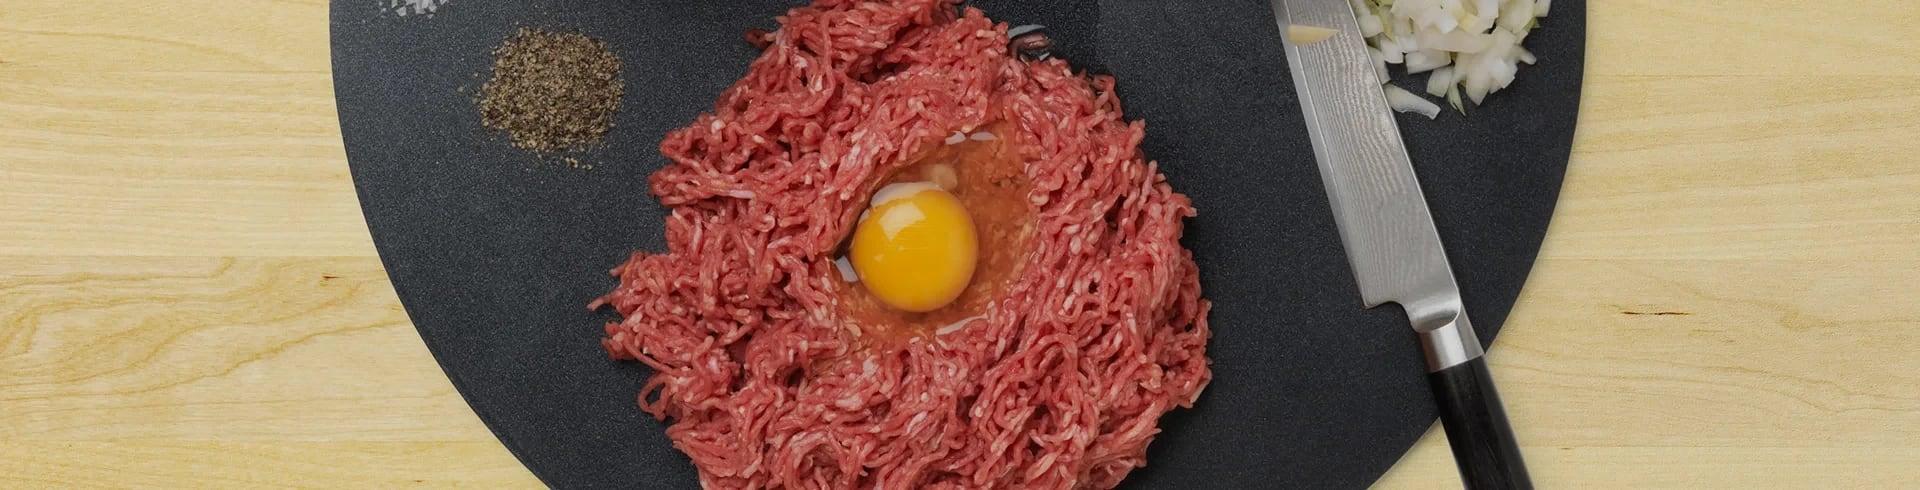 ica recept köttfärs